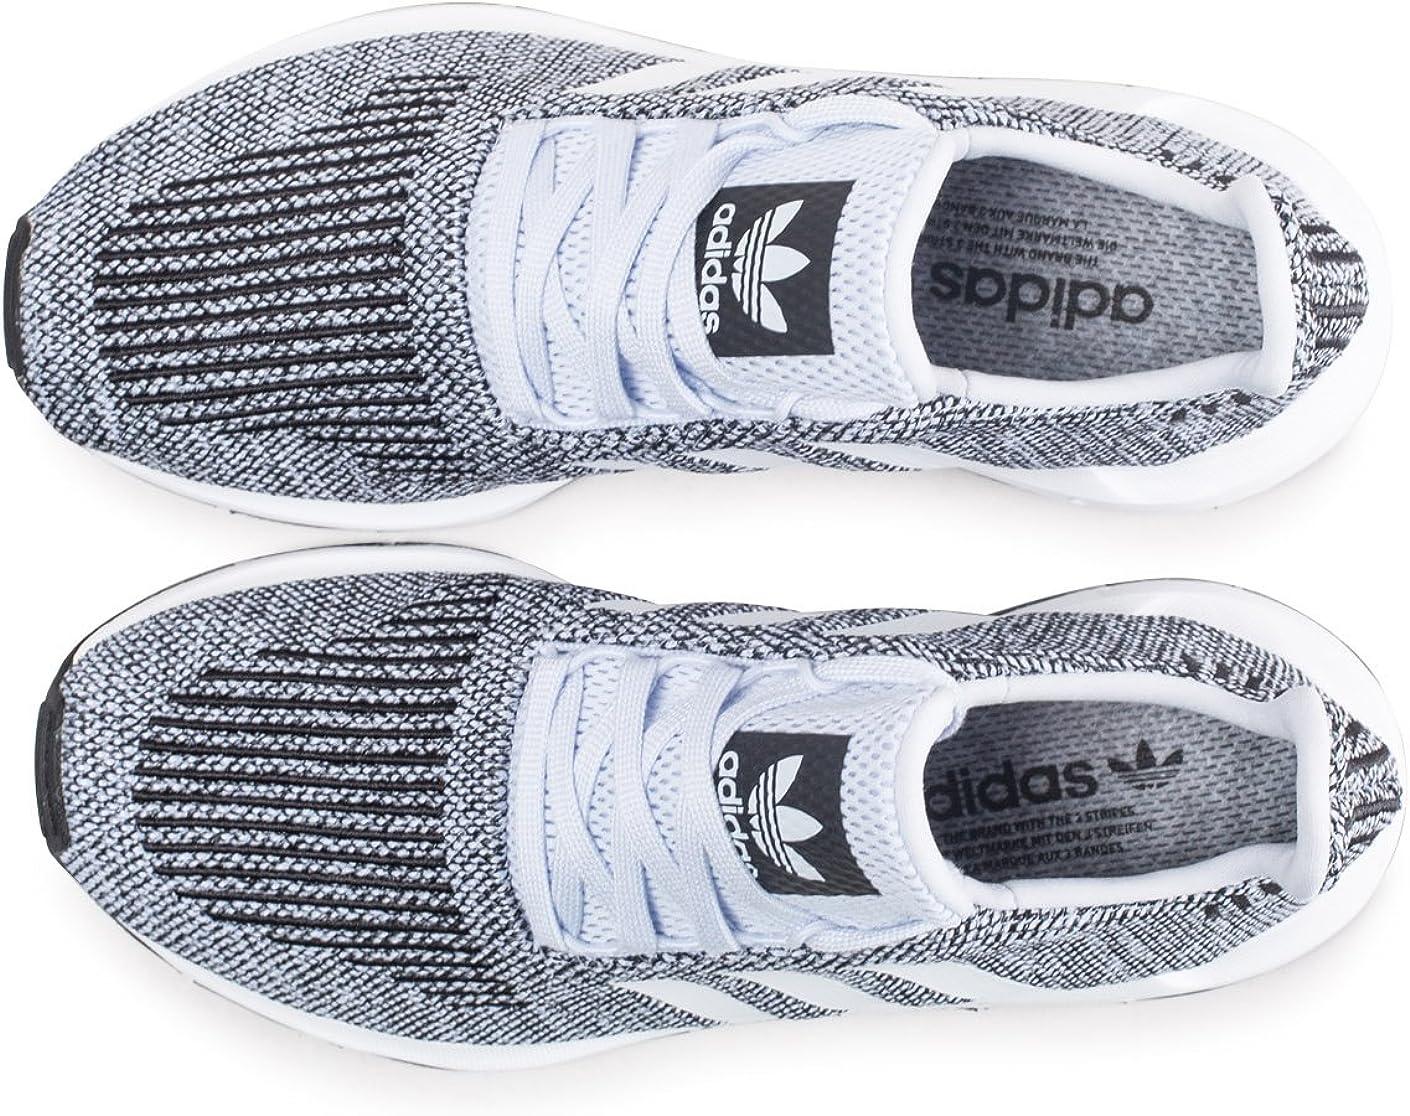 Mártir prefacio Para un día de viaje  adidas Swift Run Aero Blue CQ2122, Basket - 45 1/3 EU: Amazon.fr:  Chaussures et Sacs